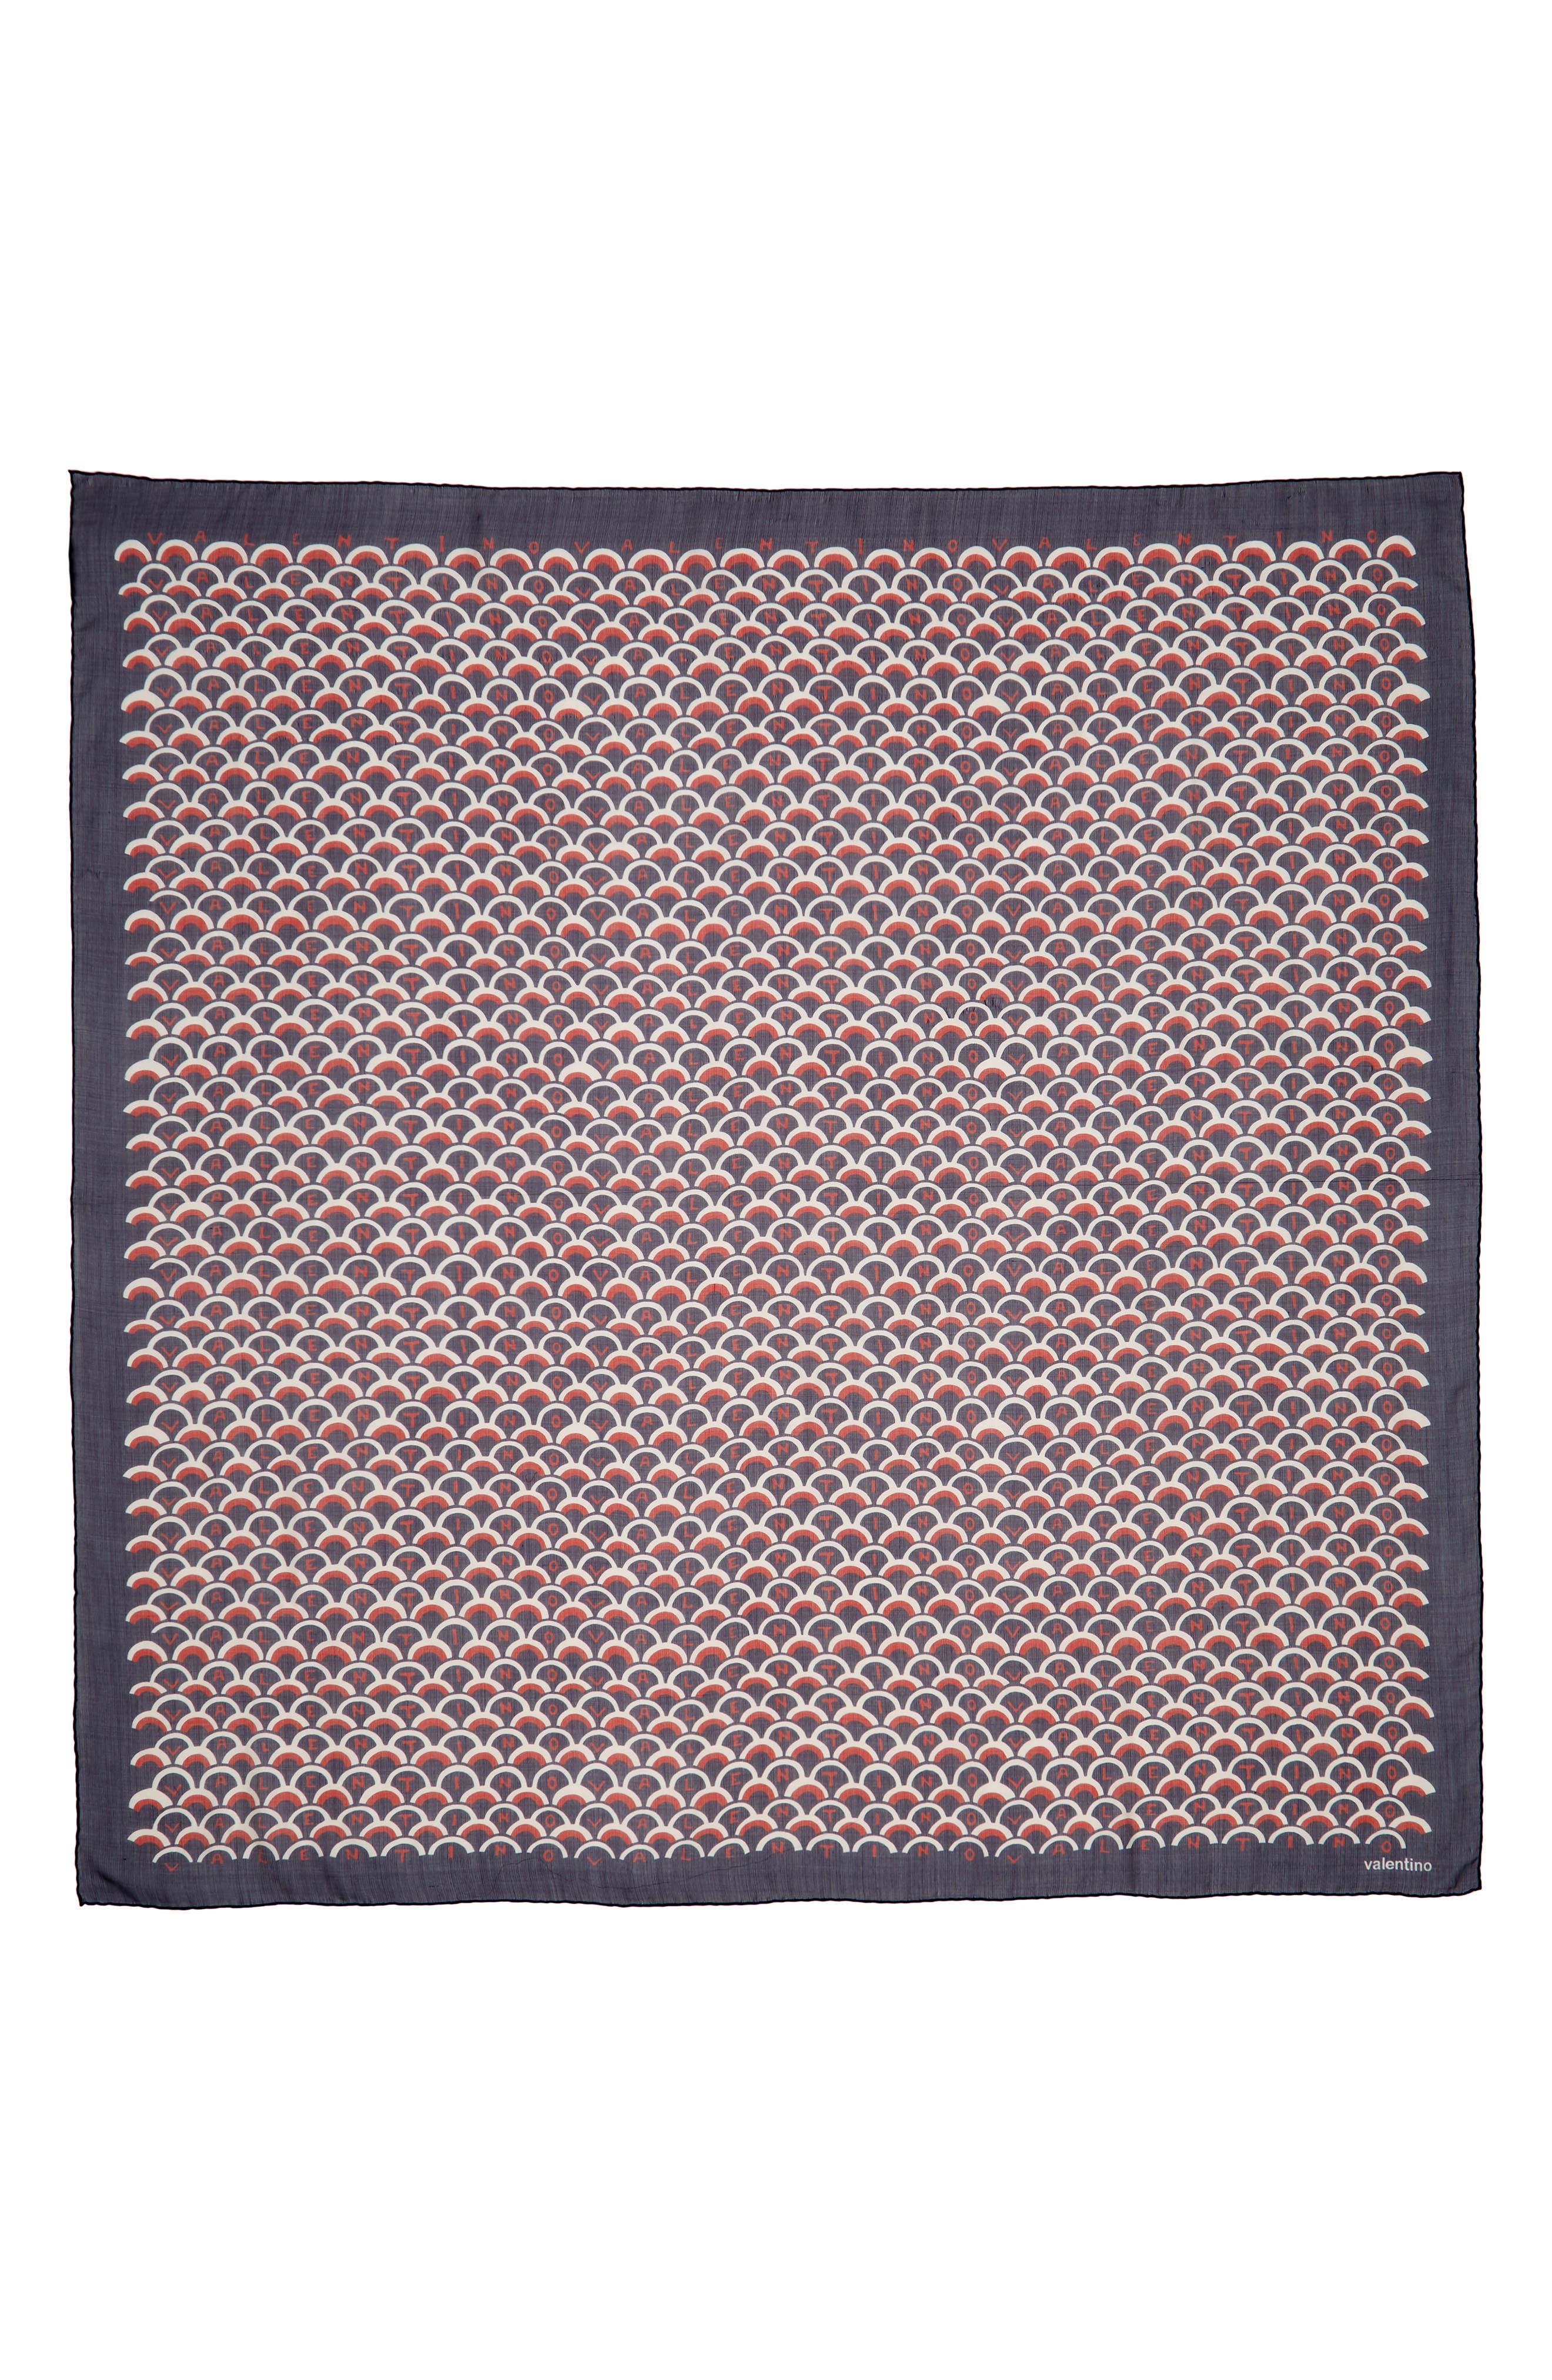 VALENTINO,                             Scale Print Silk Shawl,                             Main thumbnail 1, color,                             PURE BLUE/ MATTONE-AVORIO